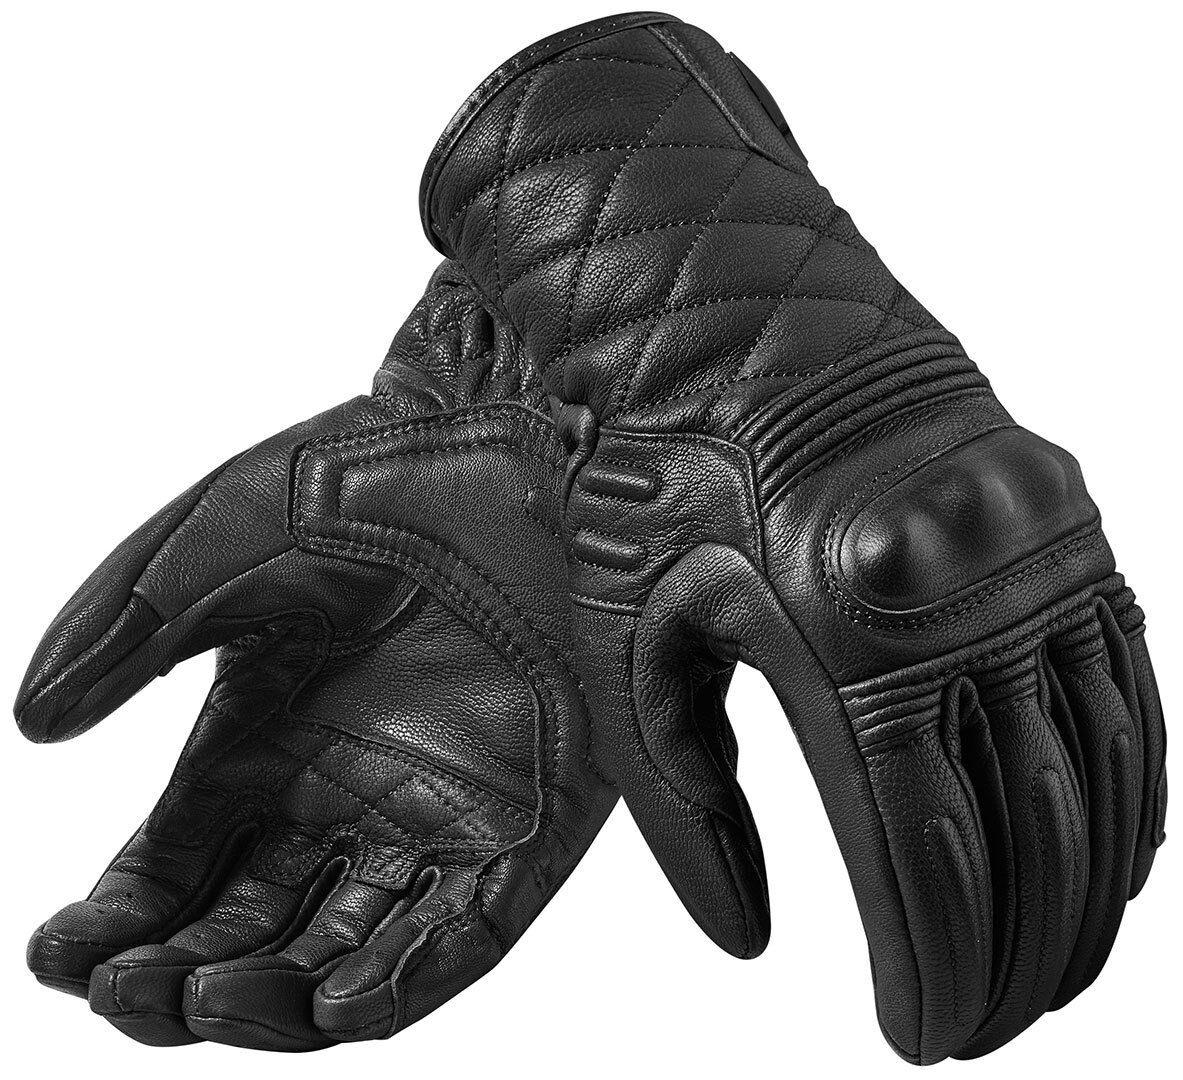 Revit Monster 2 Ladies Gloves Black S